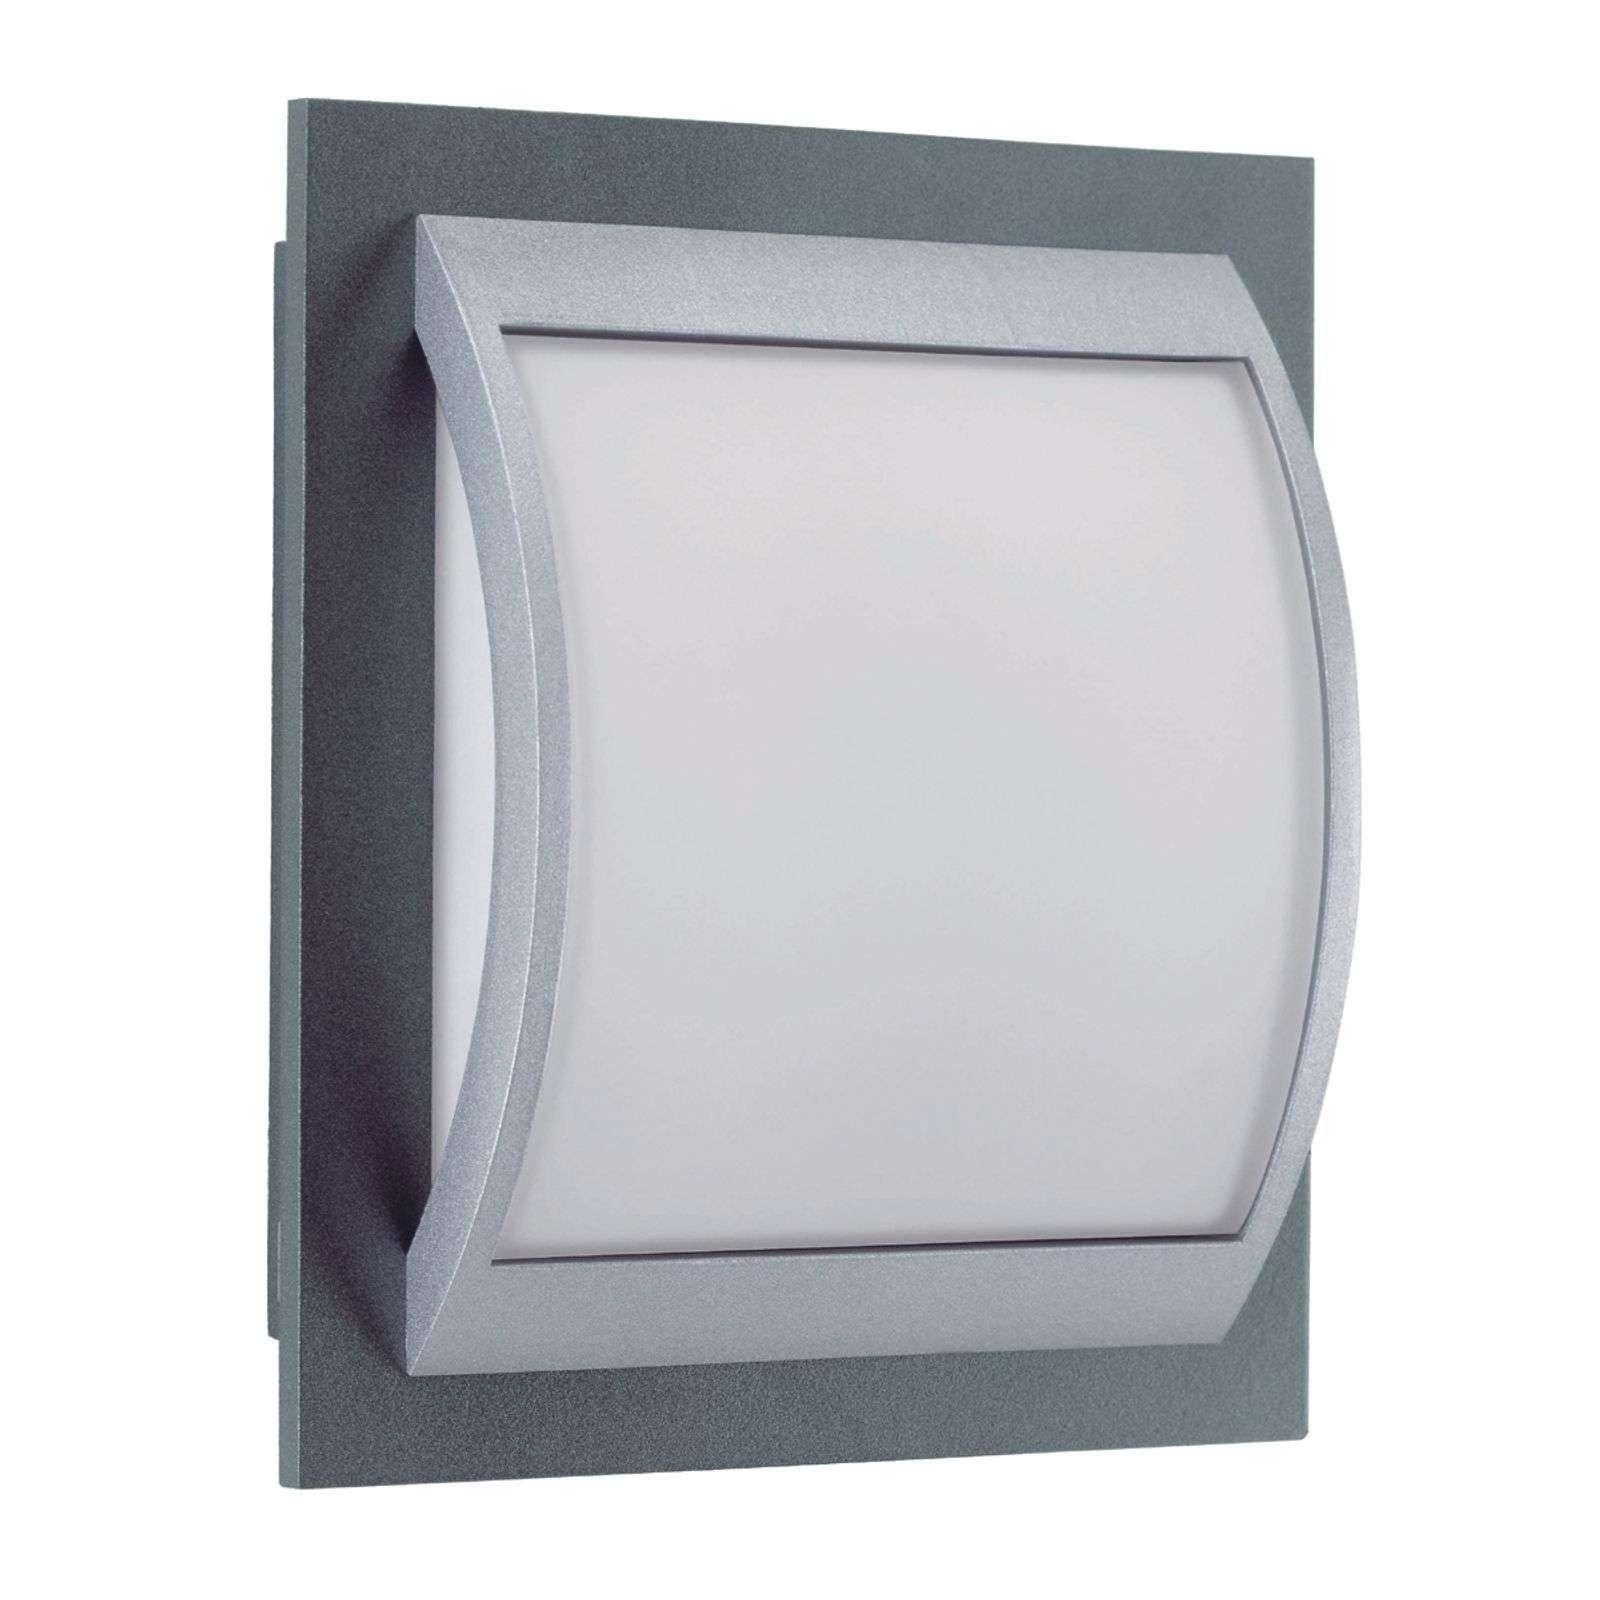 Wandleuchte Led Dimmbar Batterie Design Wandlampen Wohnzimmer Wandlampe Led Flur Buiten Wandlampen Buiten Wandverlichting Buiten Wandlamp Buitenruimtes